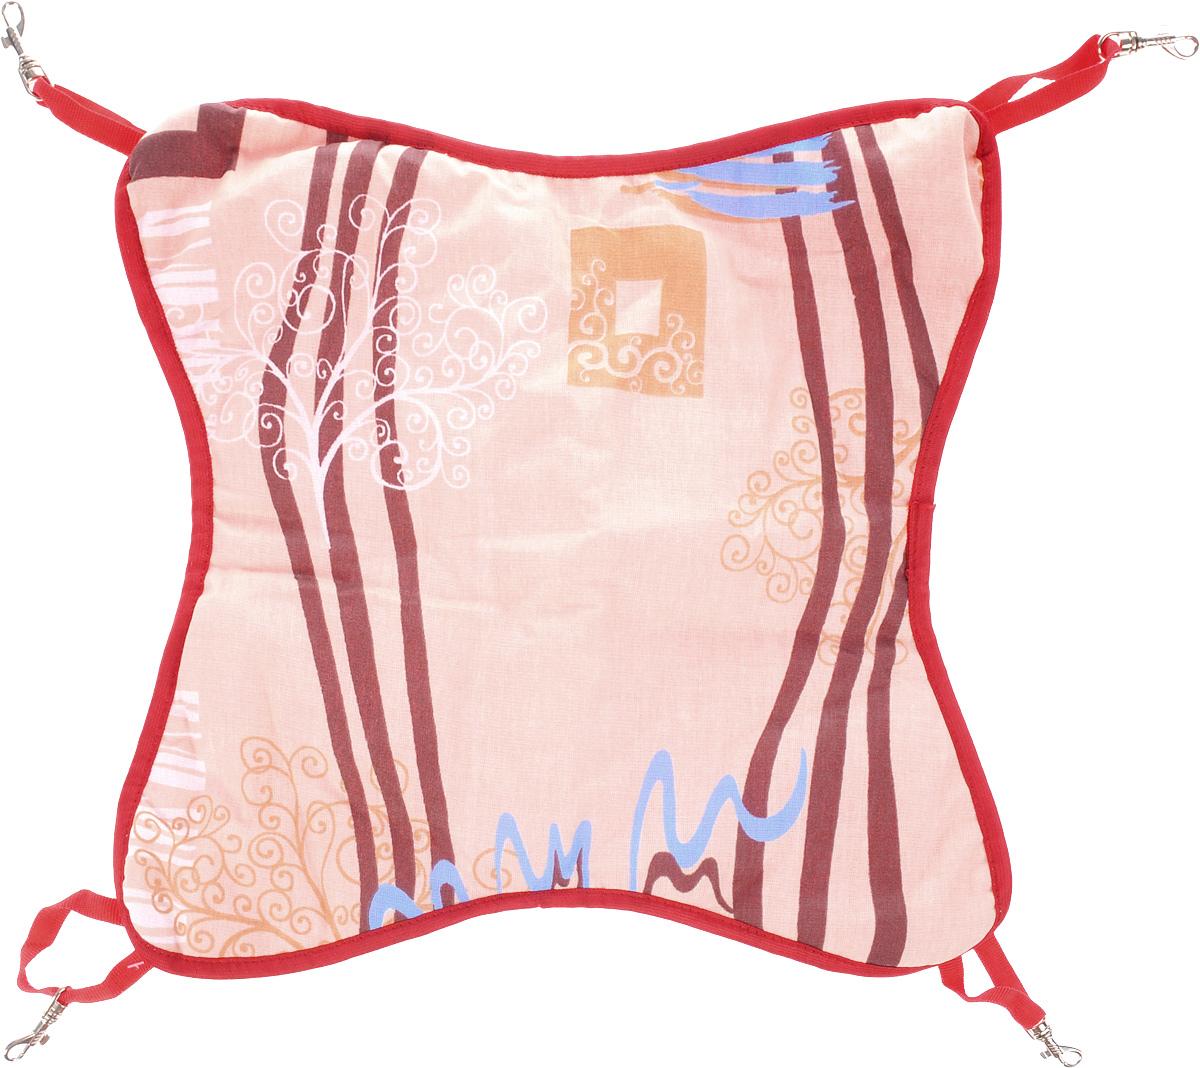 Гамак для шиншилл и хорьков ЗооМарк, подвесной, цвет: бежевый, коричневый, красный. Д-11 гамак для кошек titbit на радиатор цвет бежевый 30 см х 45 см